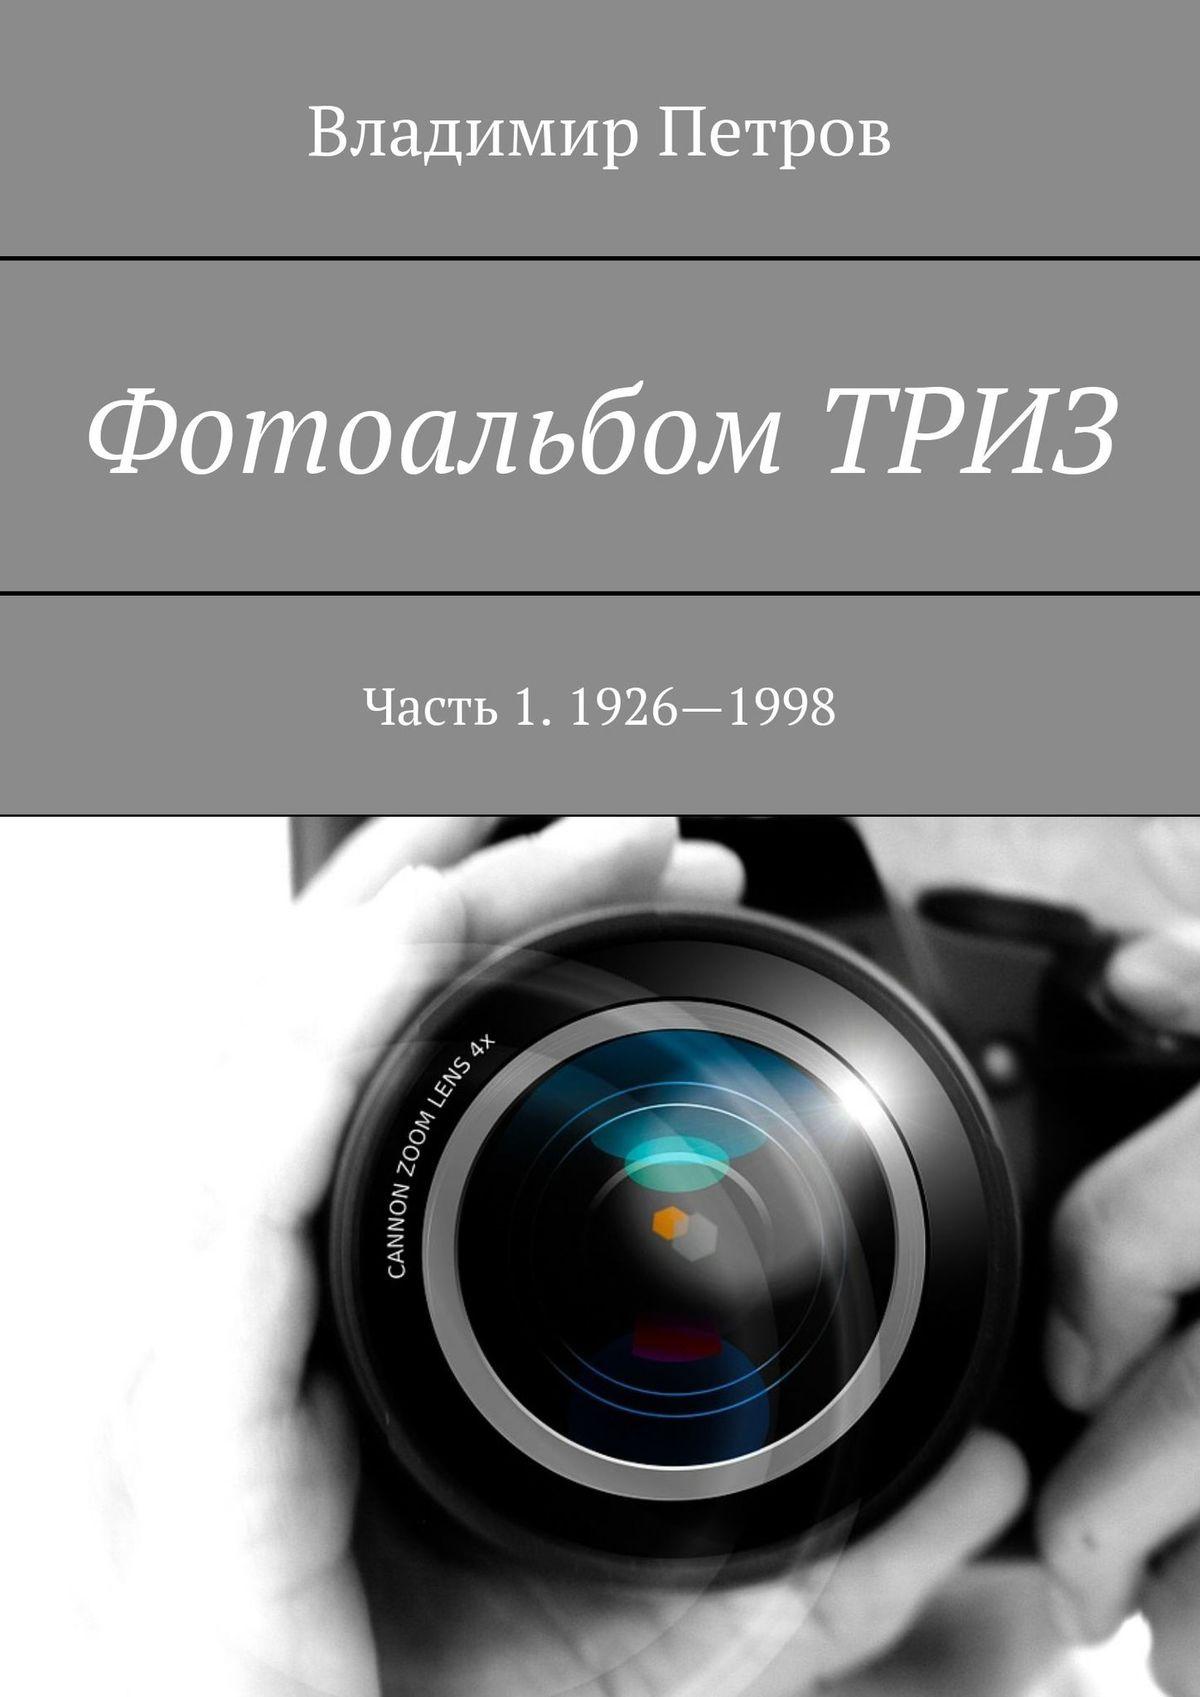 Владимир Петров Фотоальбом ТРИЗ. Часть1. 1926—1998 владимир петров развитие творческого воображения триз